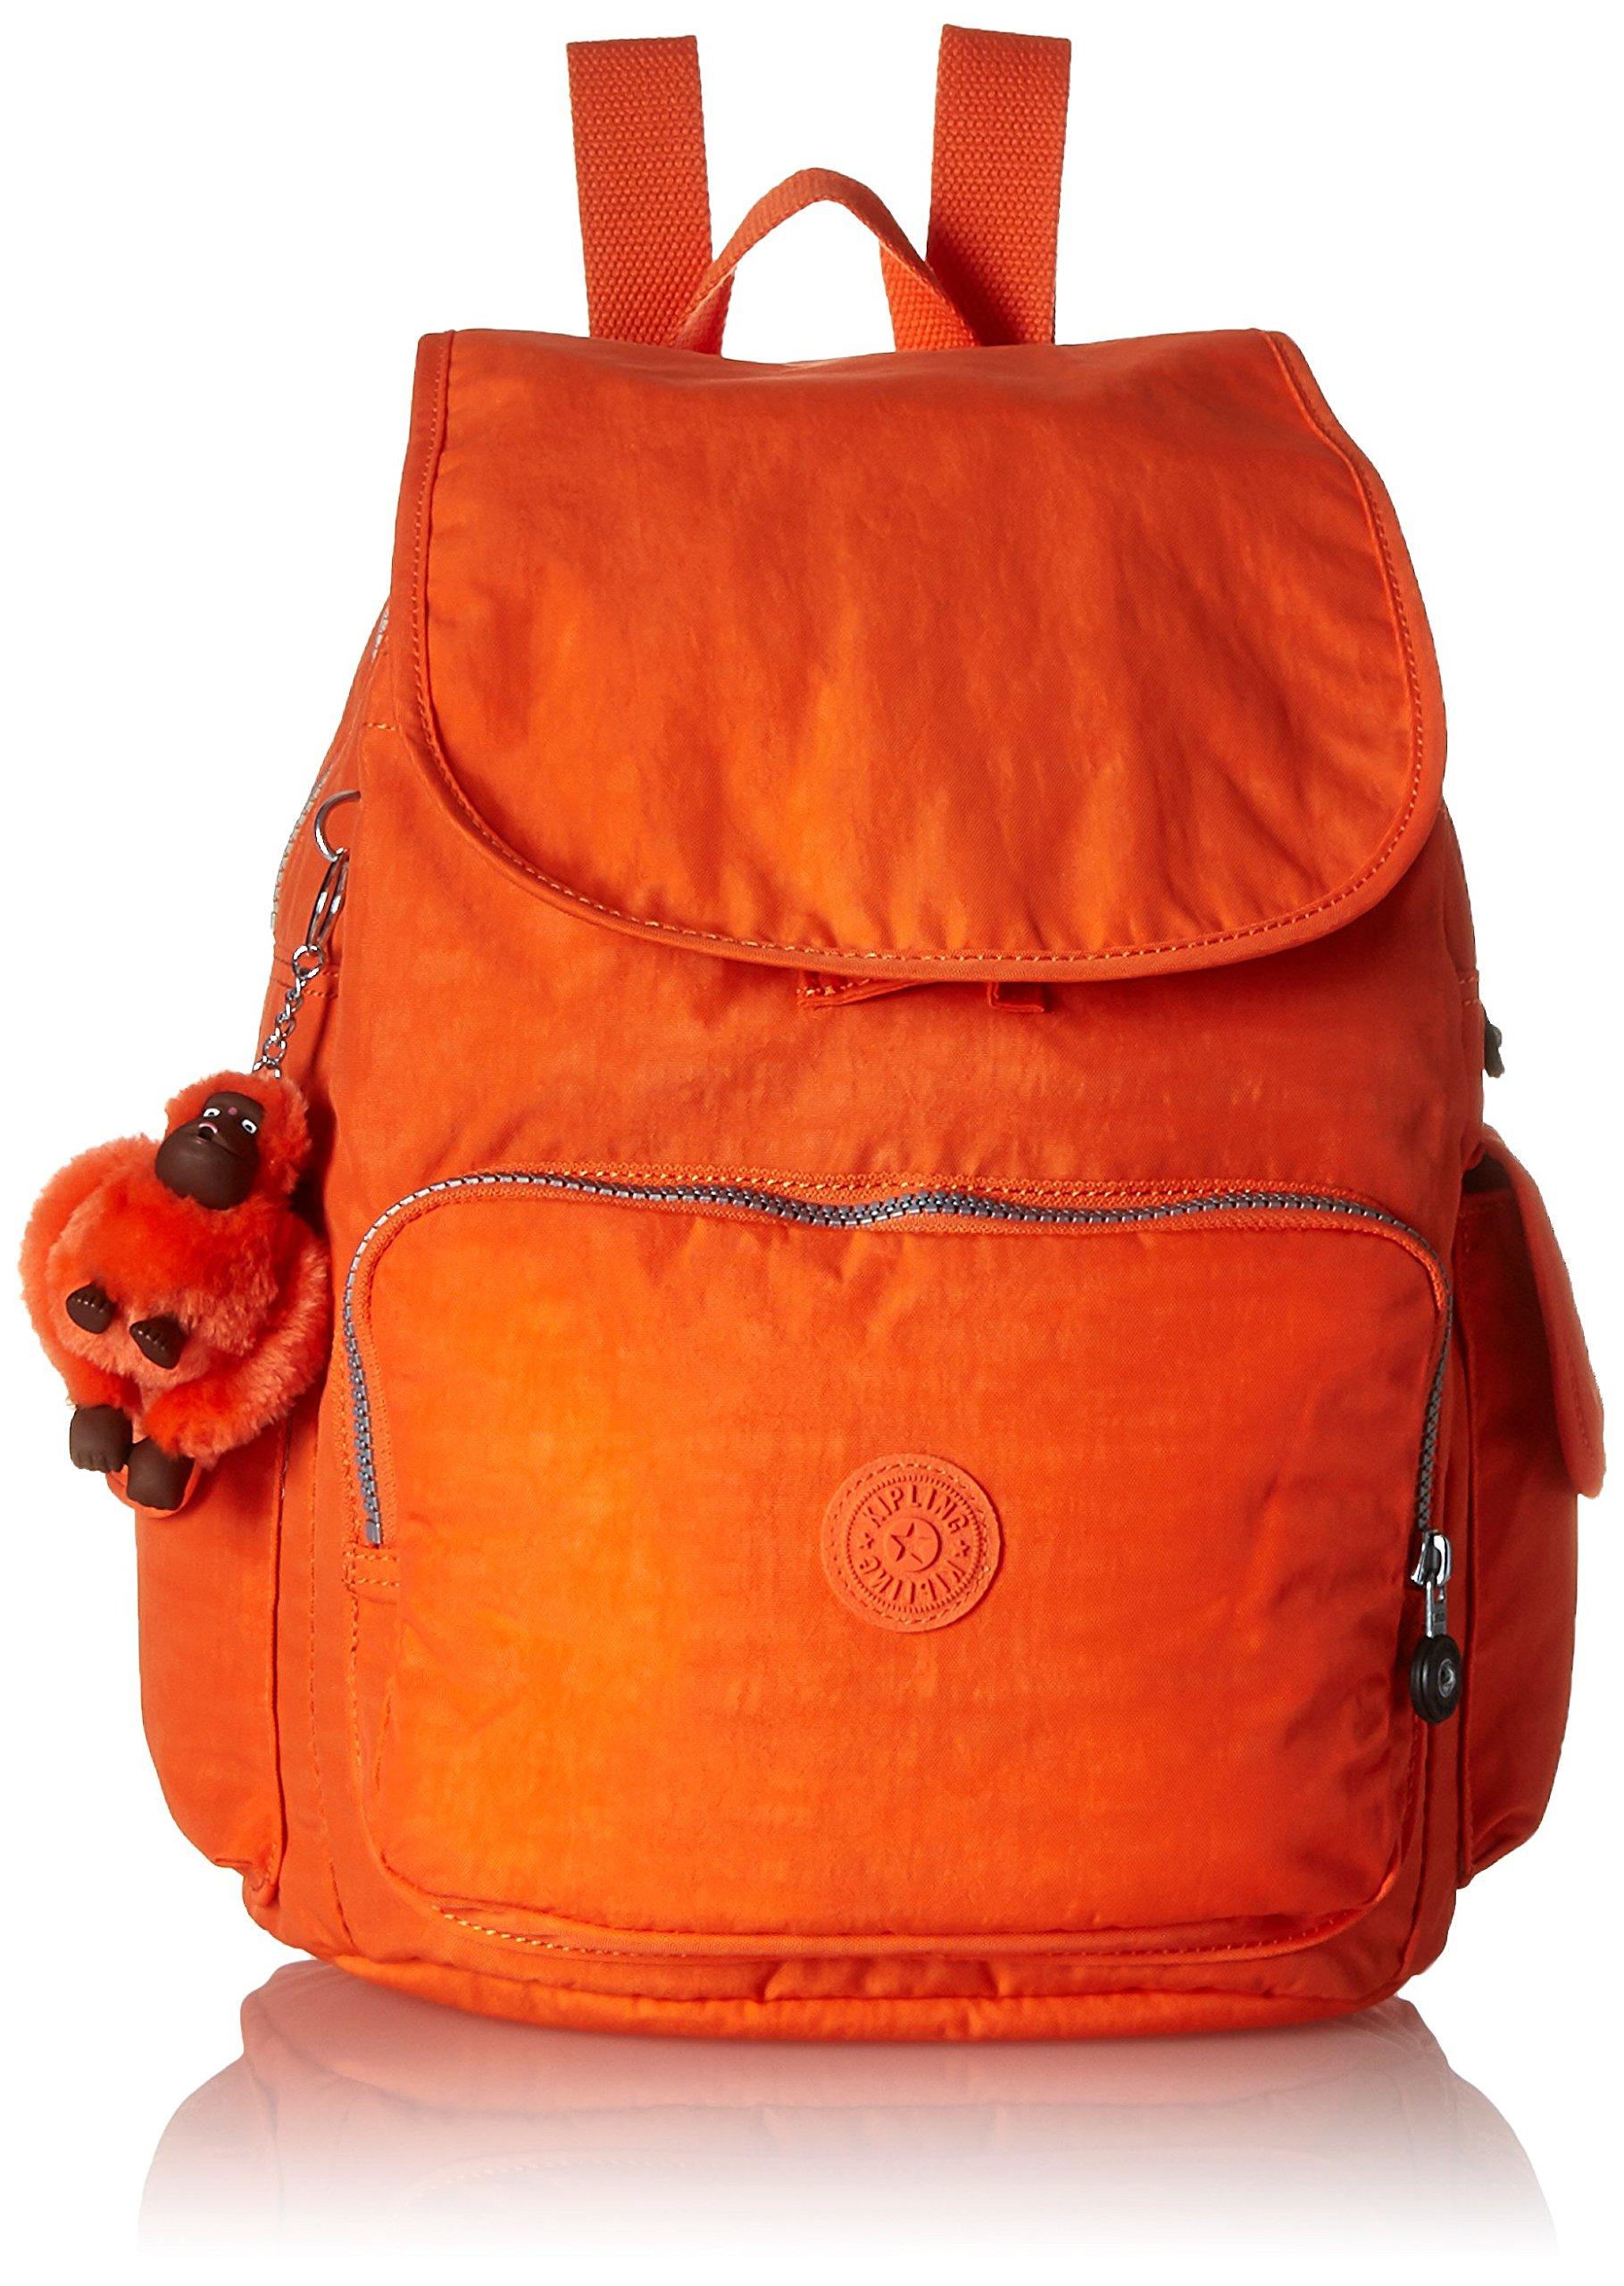 Kipling Ravier Back pack, Riverside Crush, One Size